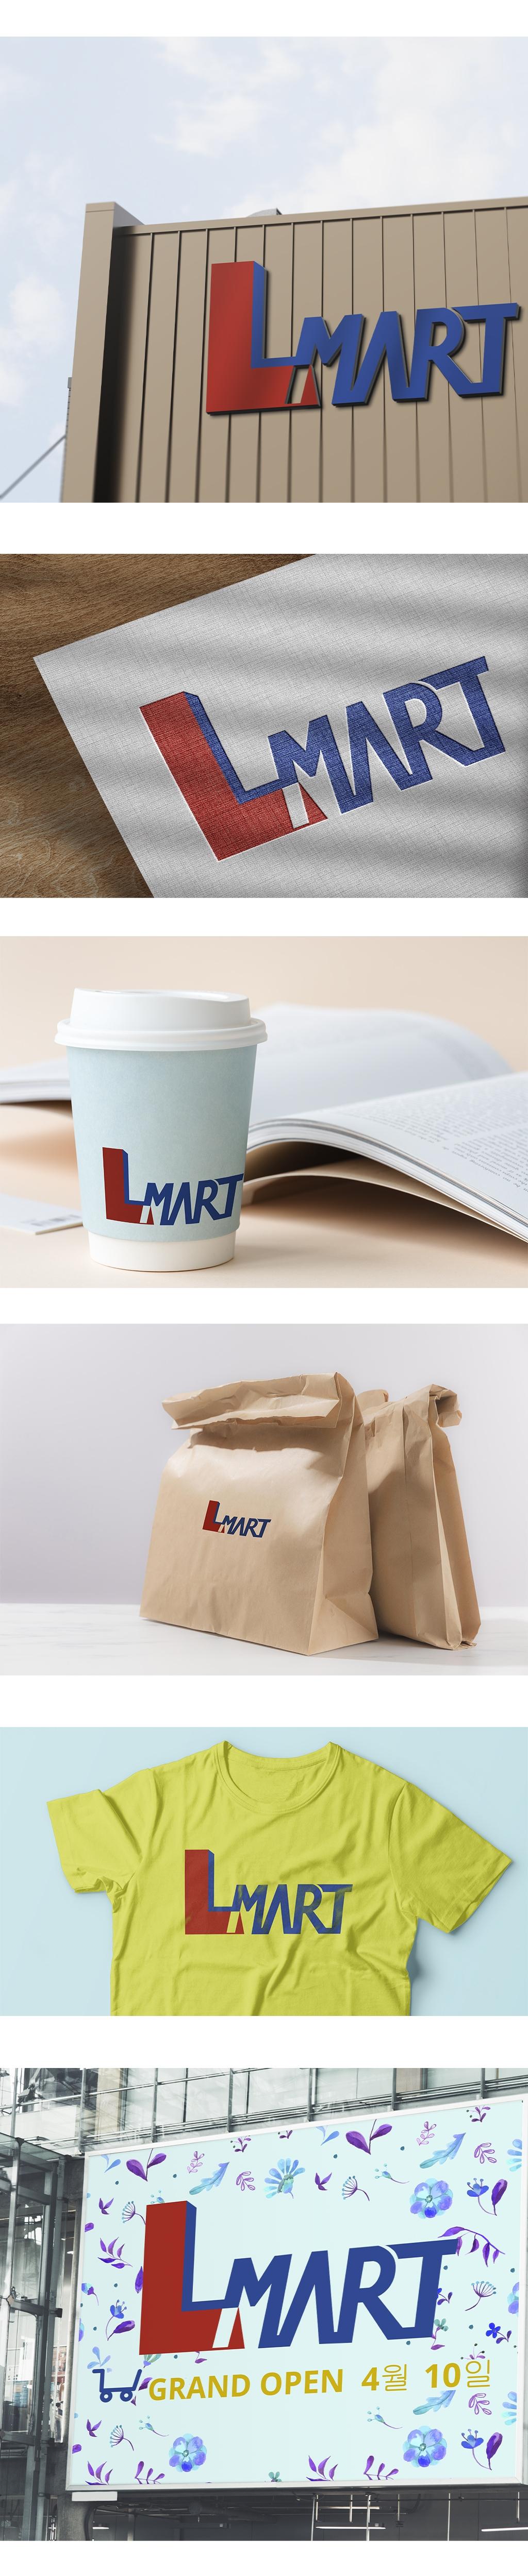 로고+간판 디자인 | 엘마트 로고 간판 디자인 의뢰 | 라우드소싱 포트폴리오